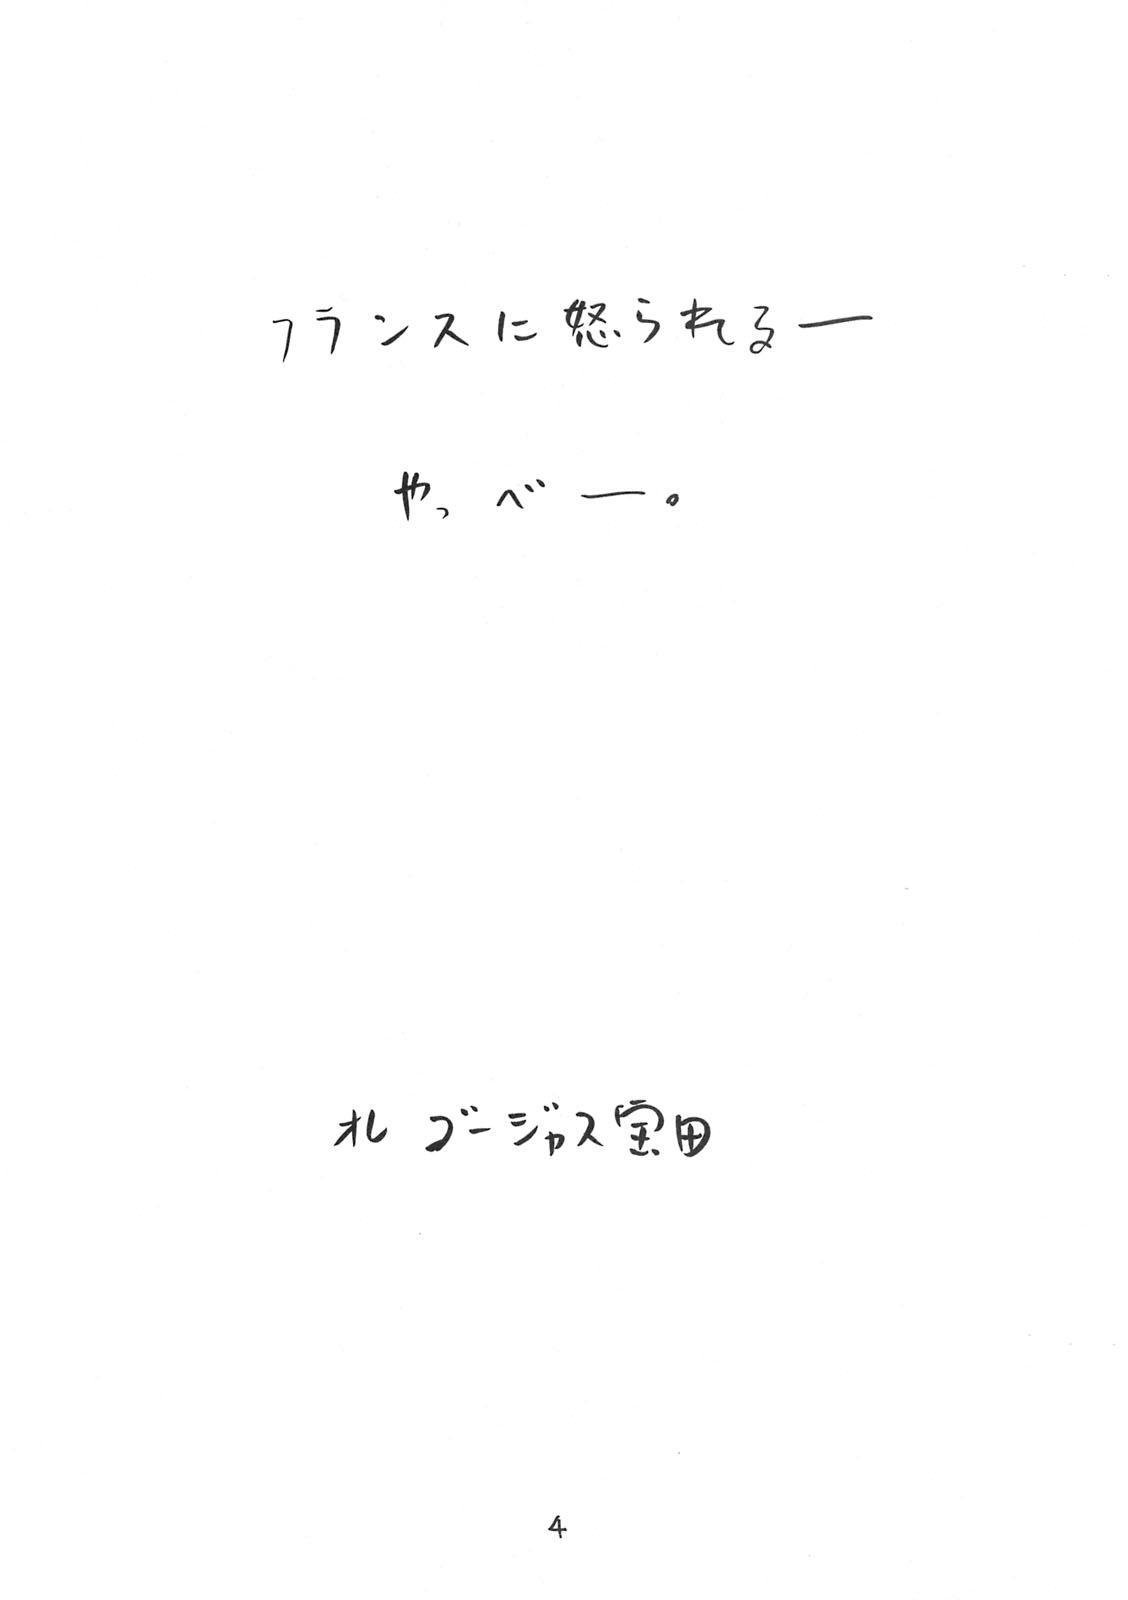 mayaonaka ni tengoku kara ero manga ke shibou no jannu-daruku ga yatteki te chiku 35 2